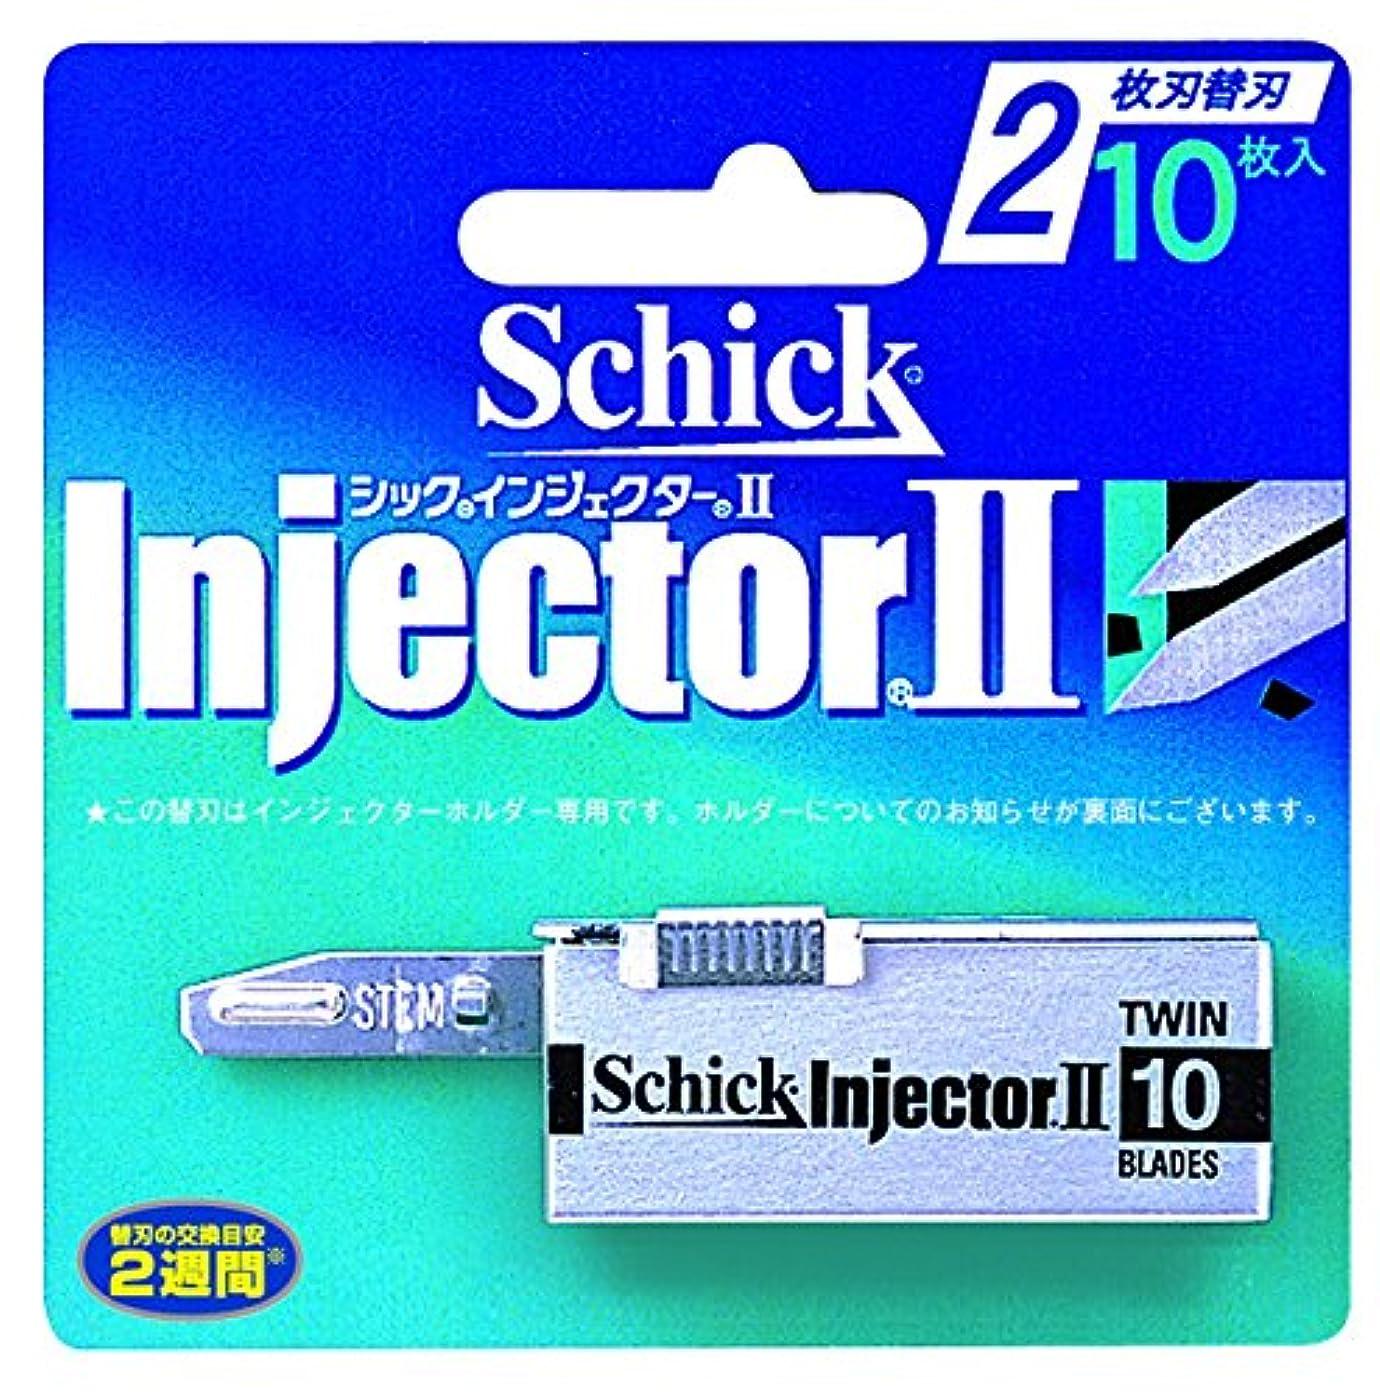 劇場バリケード隣人シック インジェクターII替刃(10枚入り)